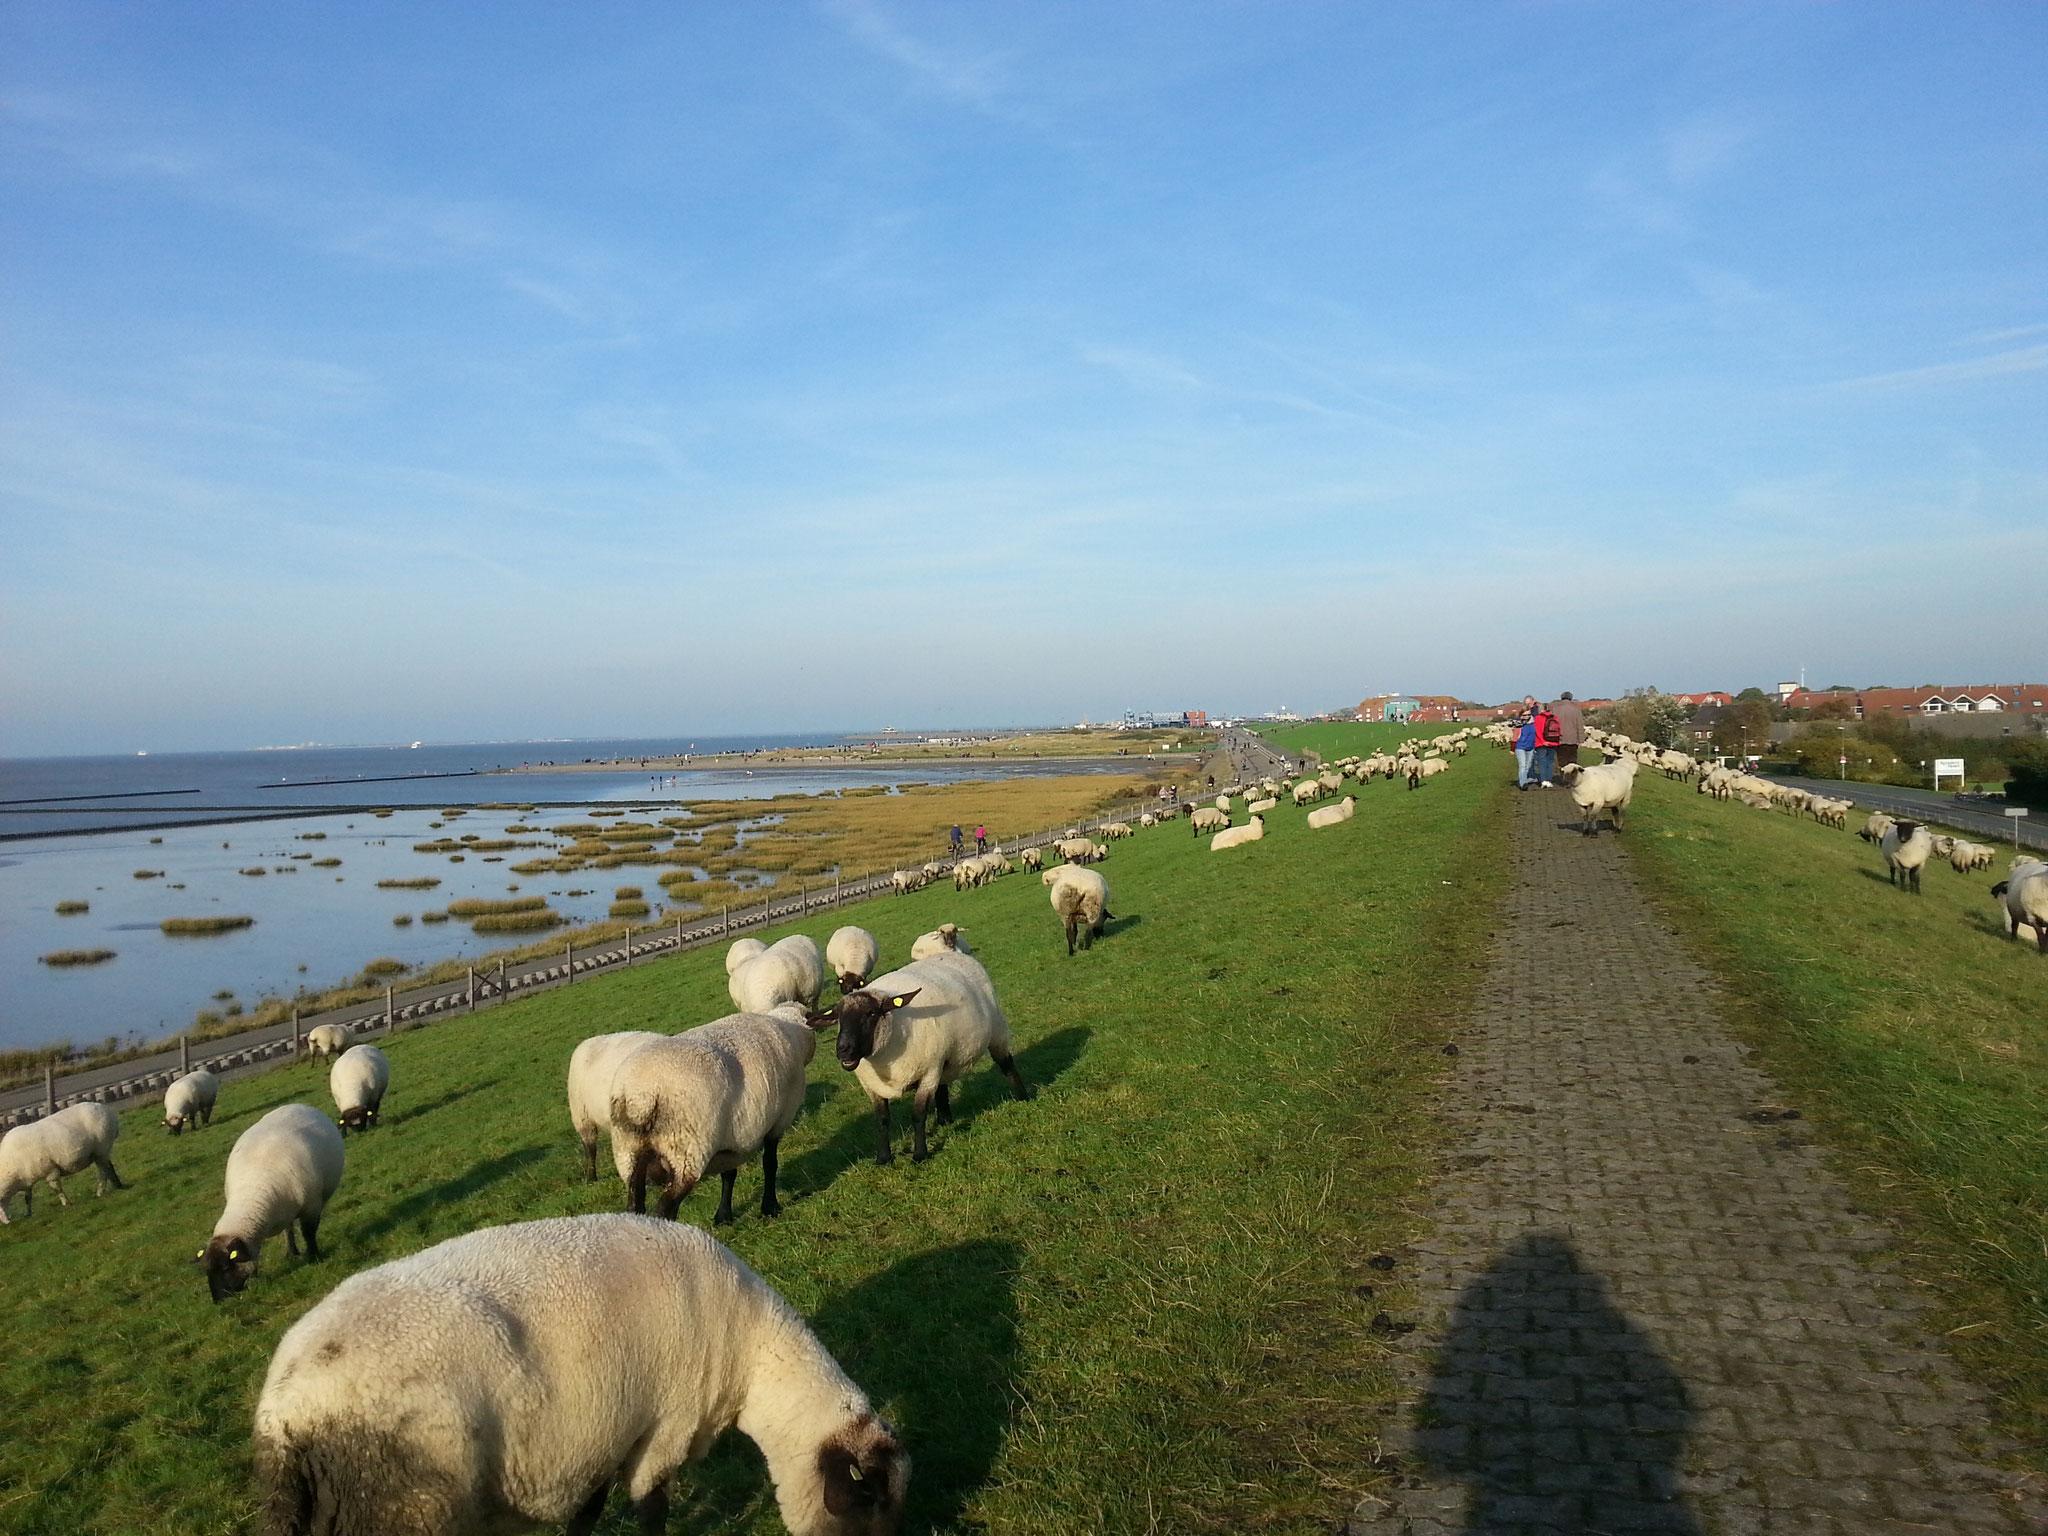 Spaziergang auf dem Deich - manchmal mit grasenden Schafen. Ca. 4 - 5 Gehminuten von der Ferienwohnung.